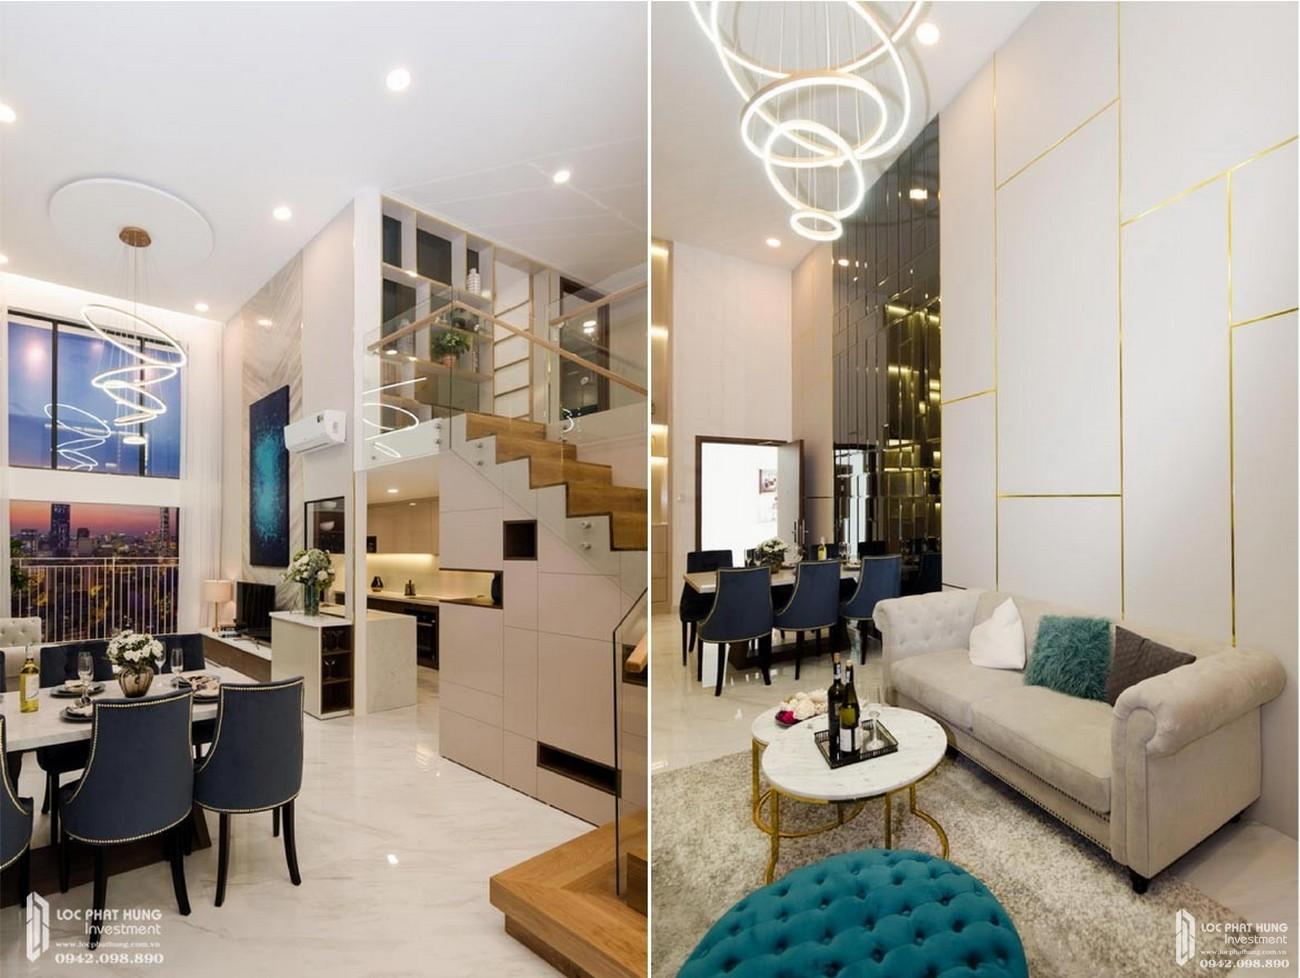 Thiết kế căn hộ mẫu có lửng dự án chung cư La Consmo Residences Quận Tân Bình